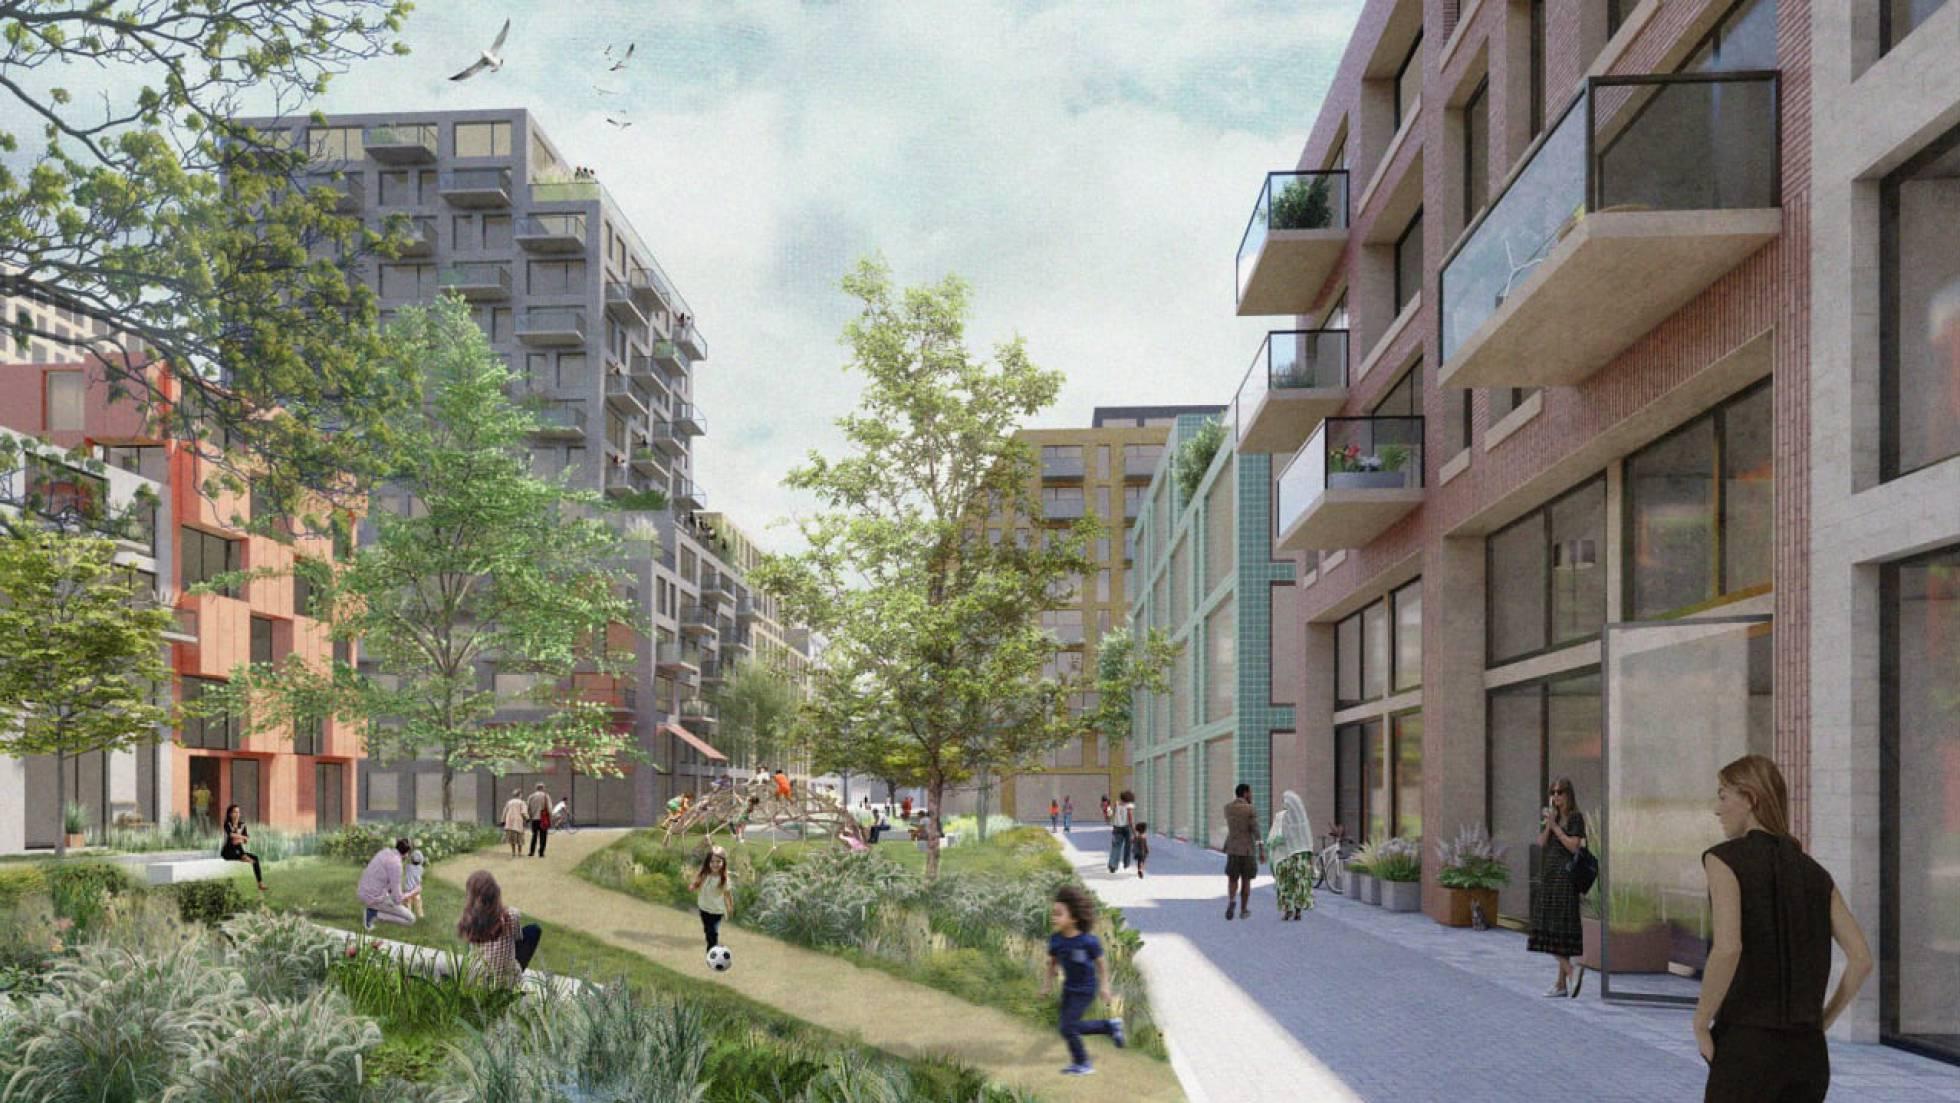 El barrio del futuro: el 80% de las necesidades básicas, a 15 minutos a pie